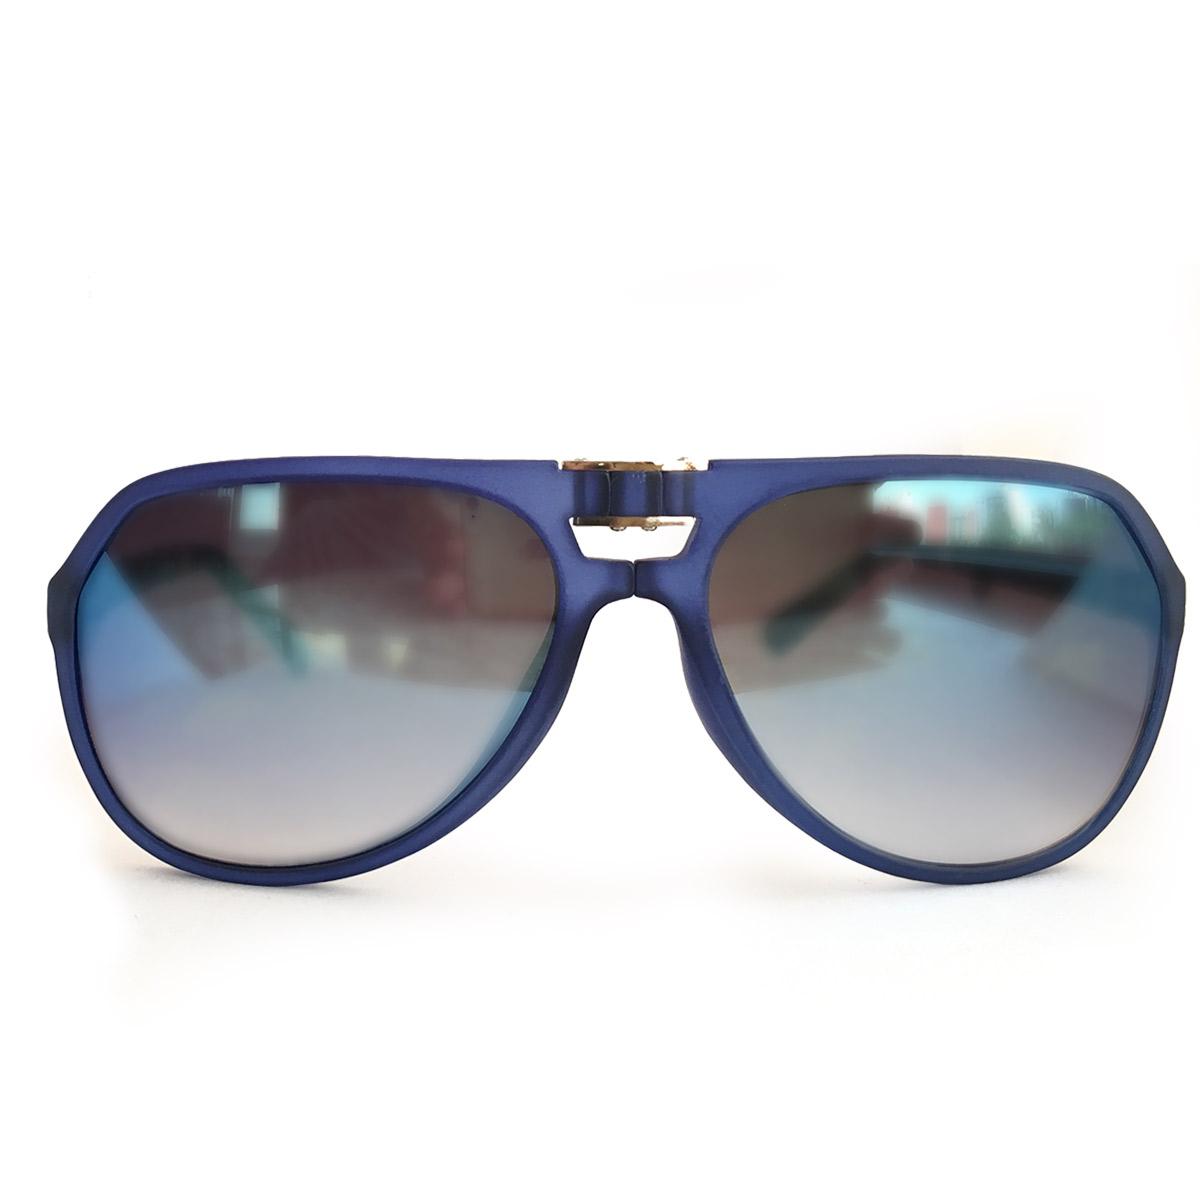 19ce087ae204 Lunettes de soleil Dolce   Gabbana Pliables Bleu – Prix Fous